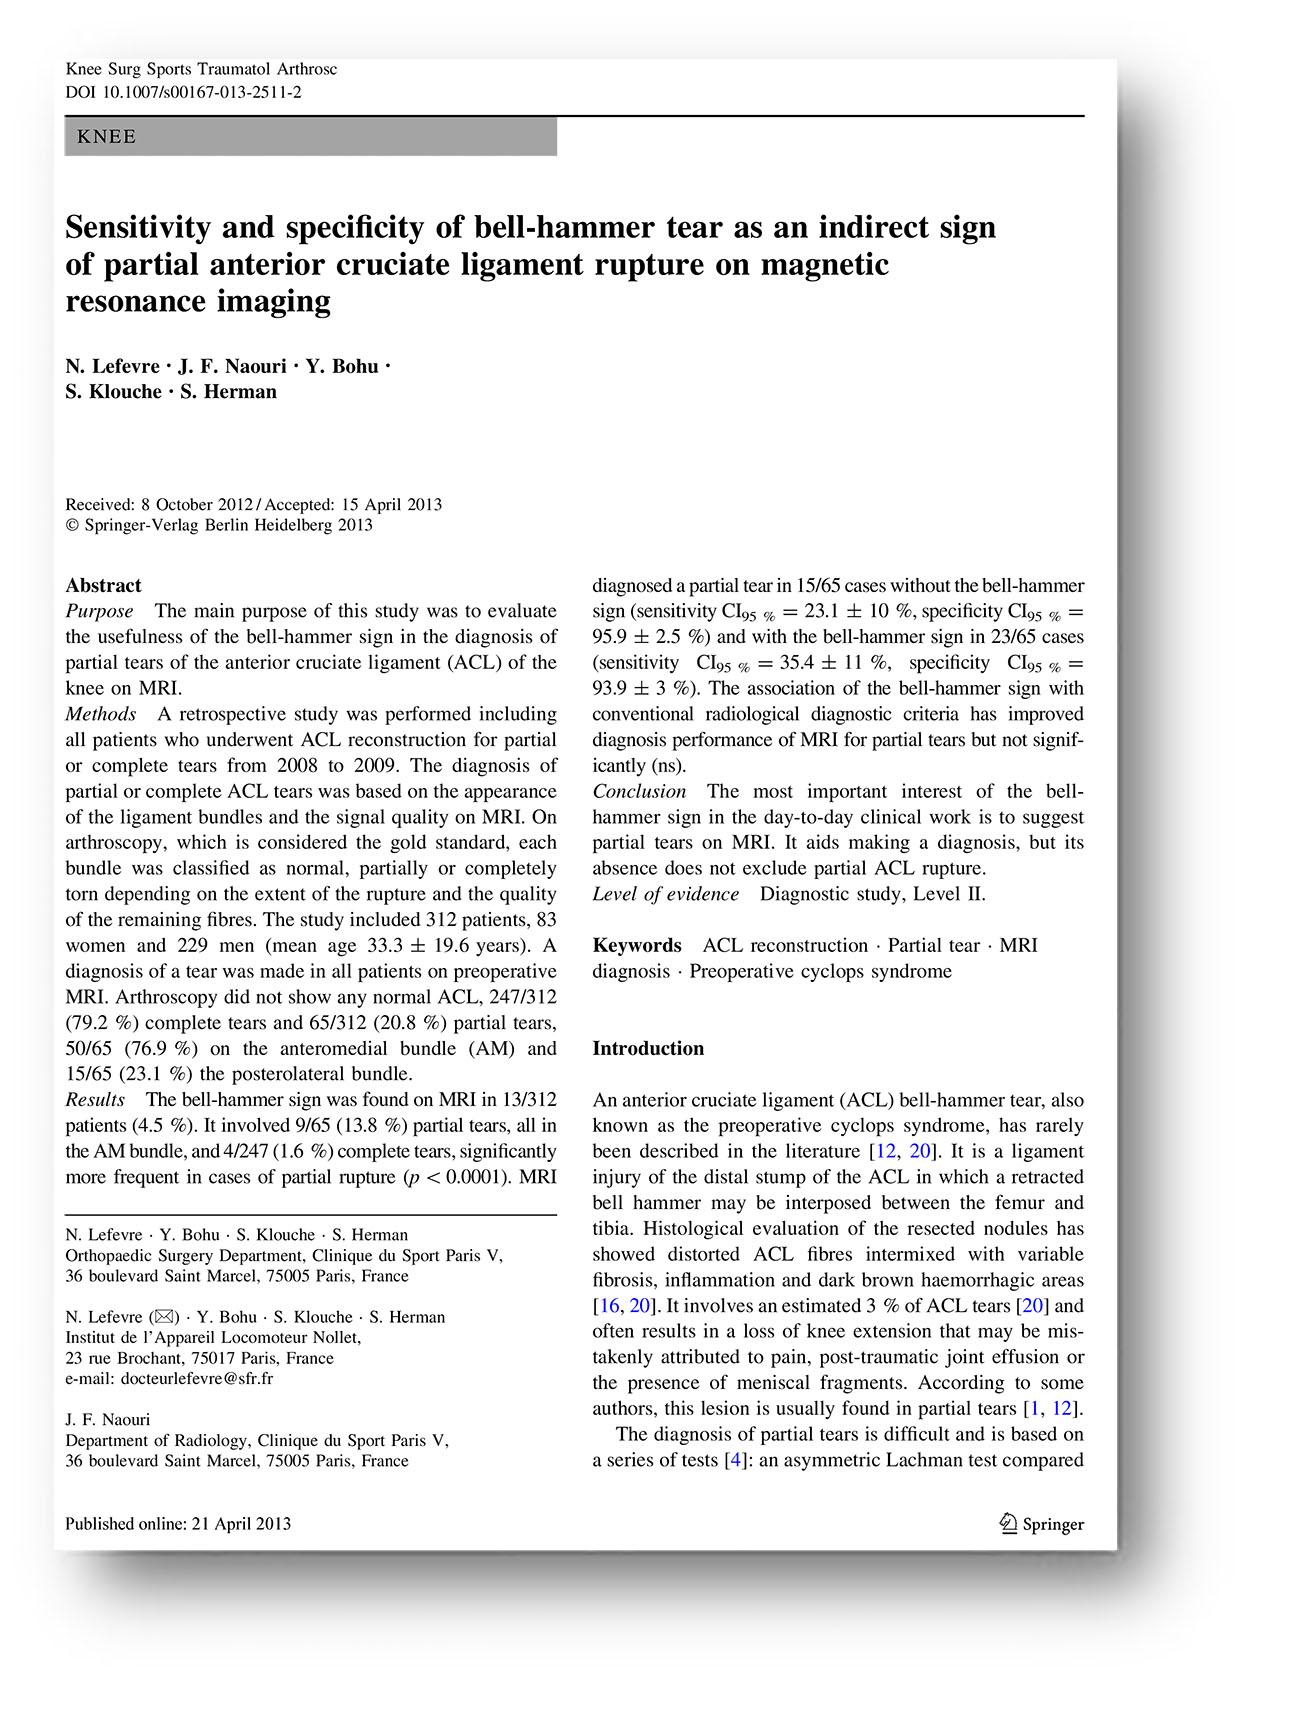 patología - RODILLA - ligamento - La sensibilidad y la especificidad ...